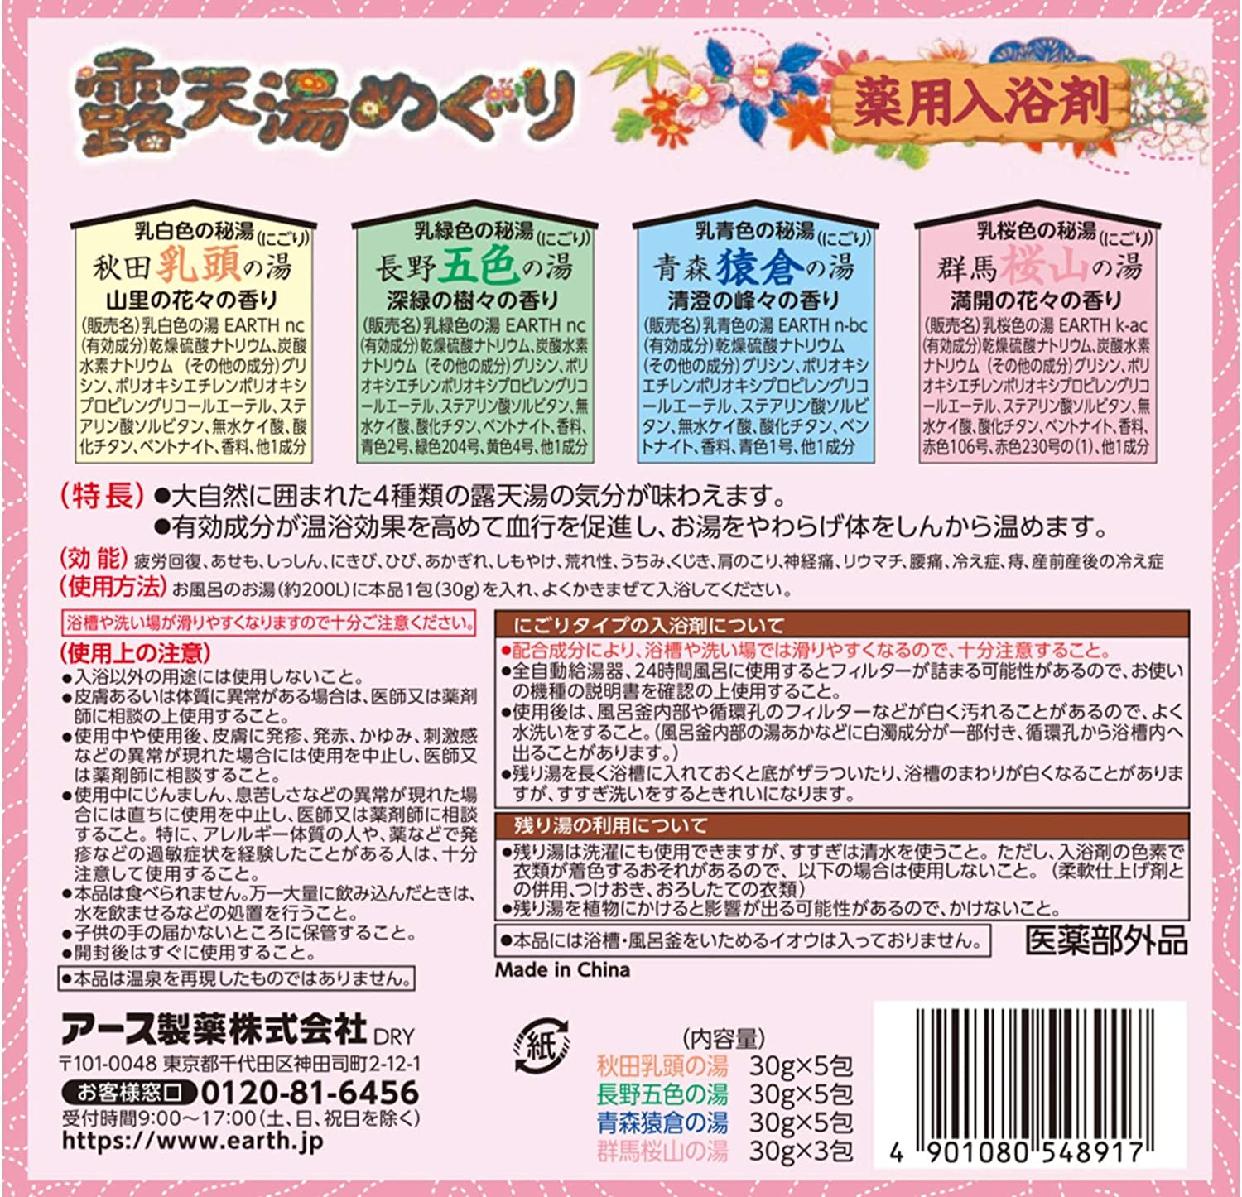 湯めぐり 露天湯めぐり 入浴剤の商品画像2